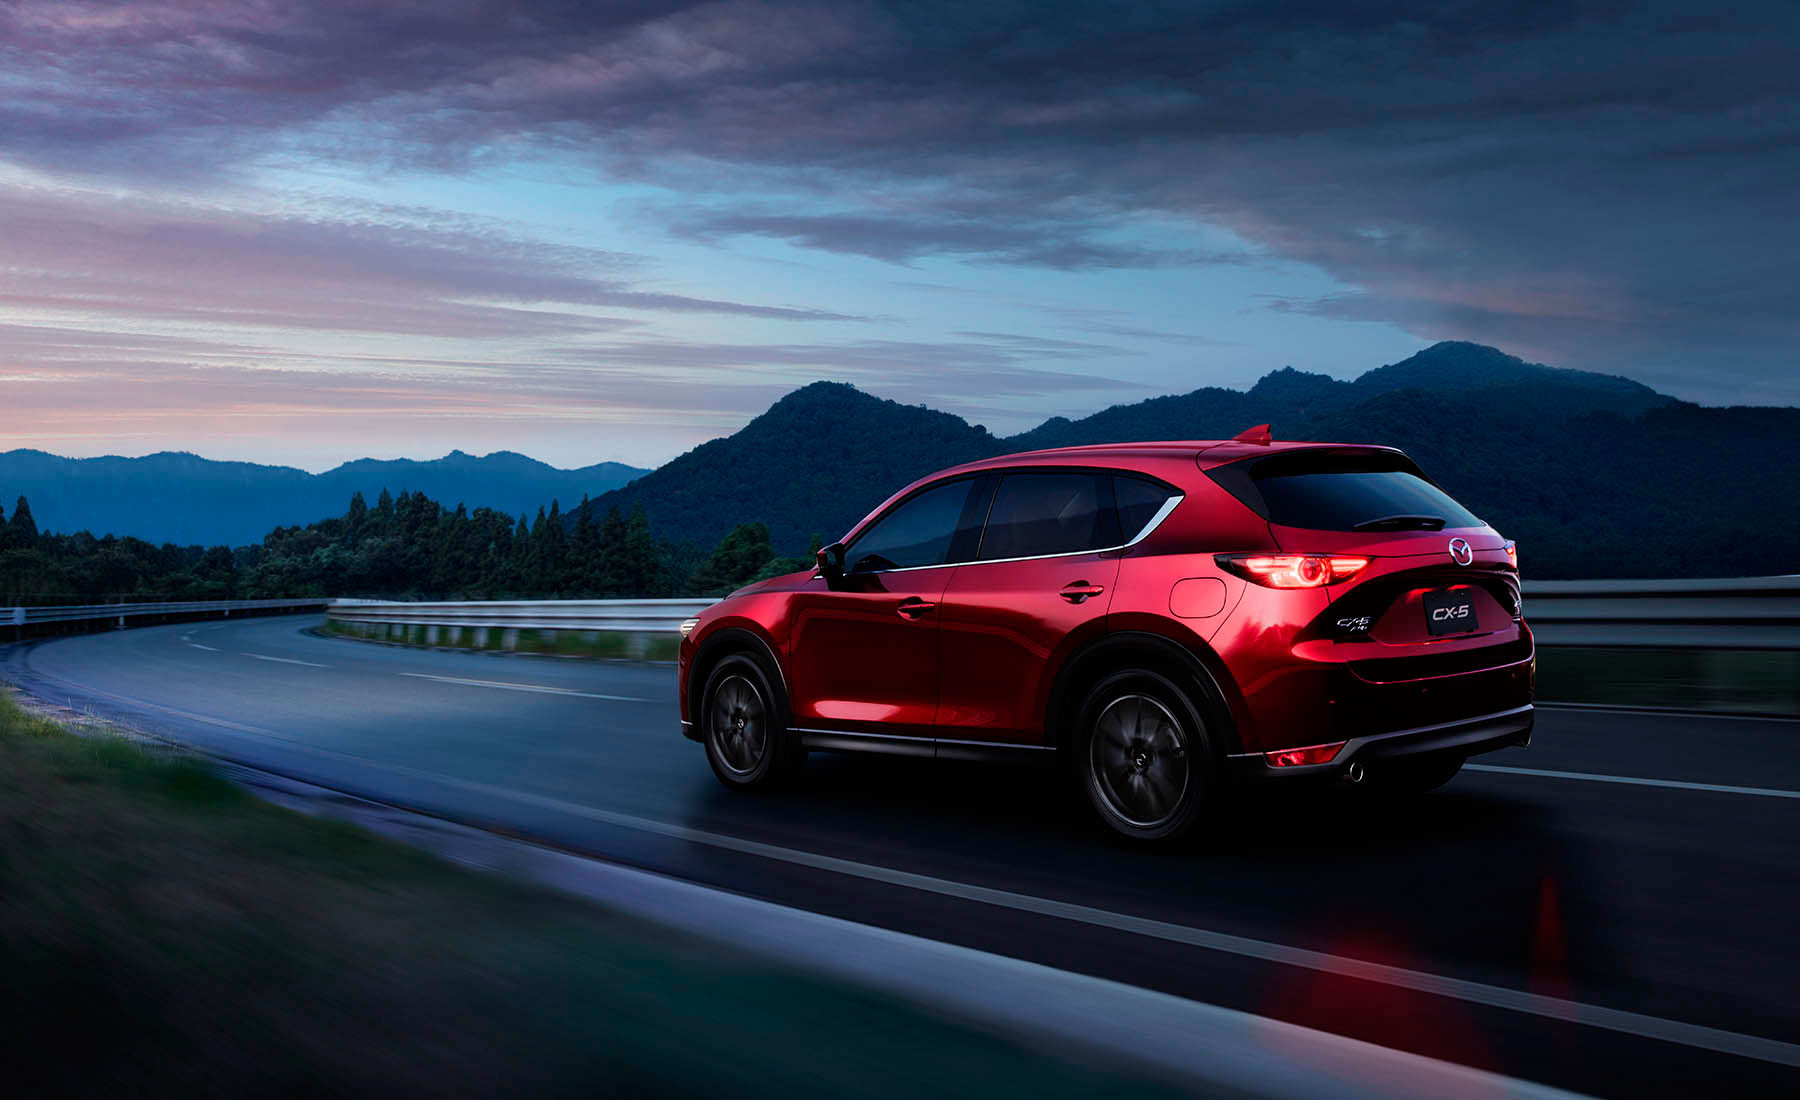 Automóviles - Mazda